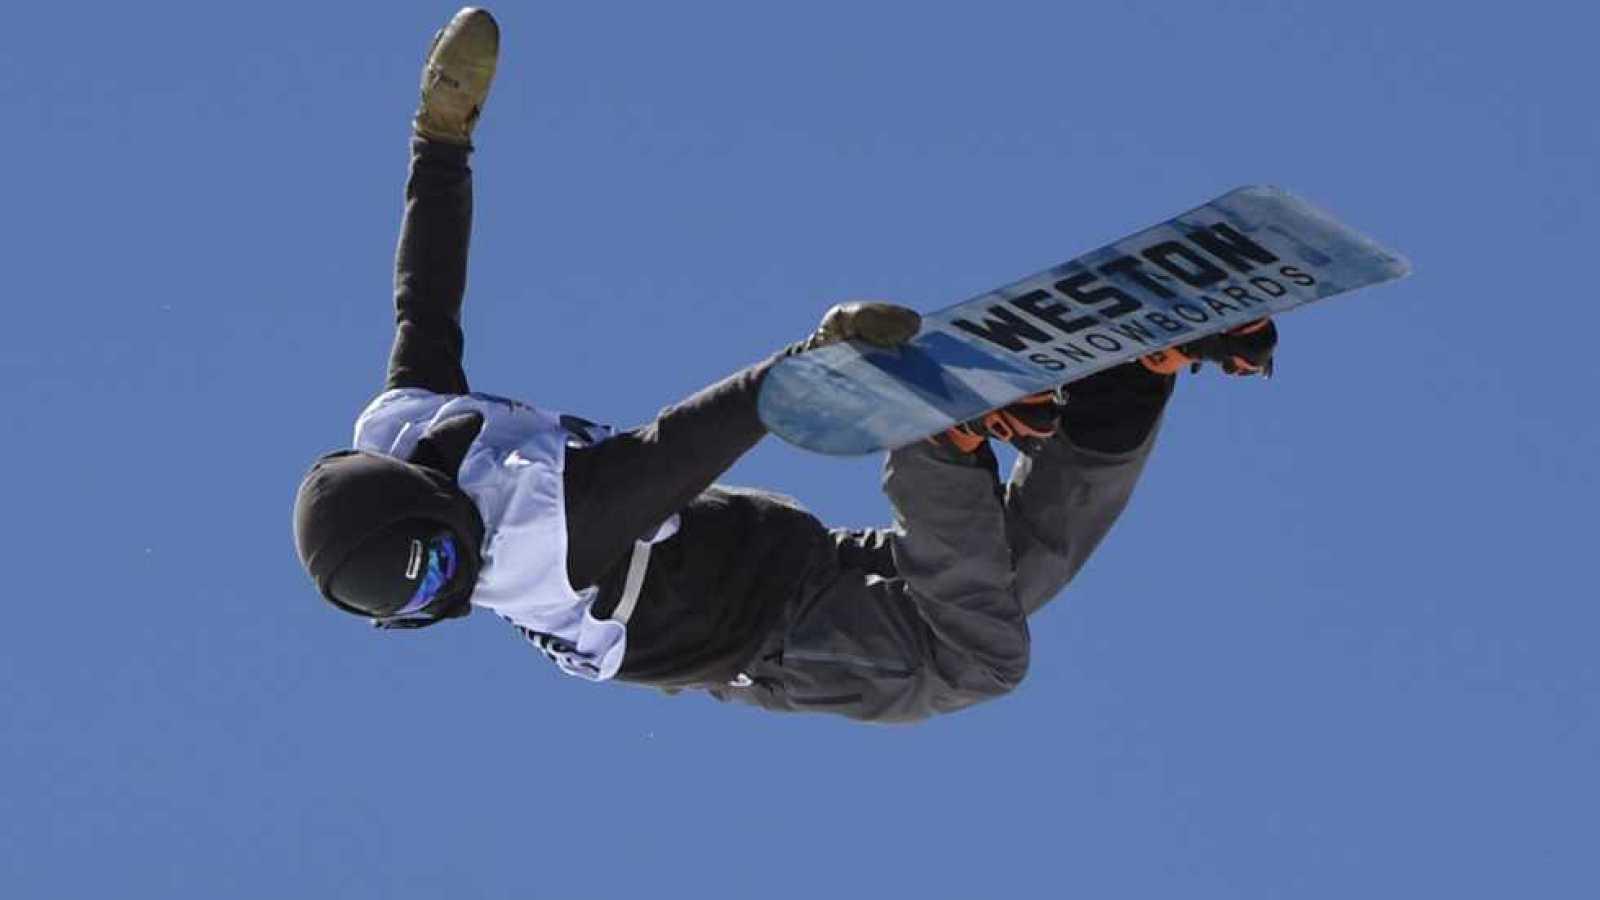 Campeonato del Mundo Snowboard y Freestyle - Snowboard Cross. Clasificatorias Femeninas - ver ahora